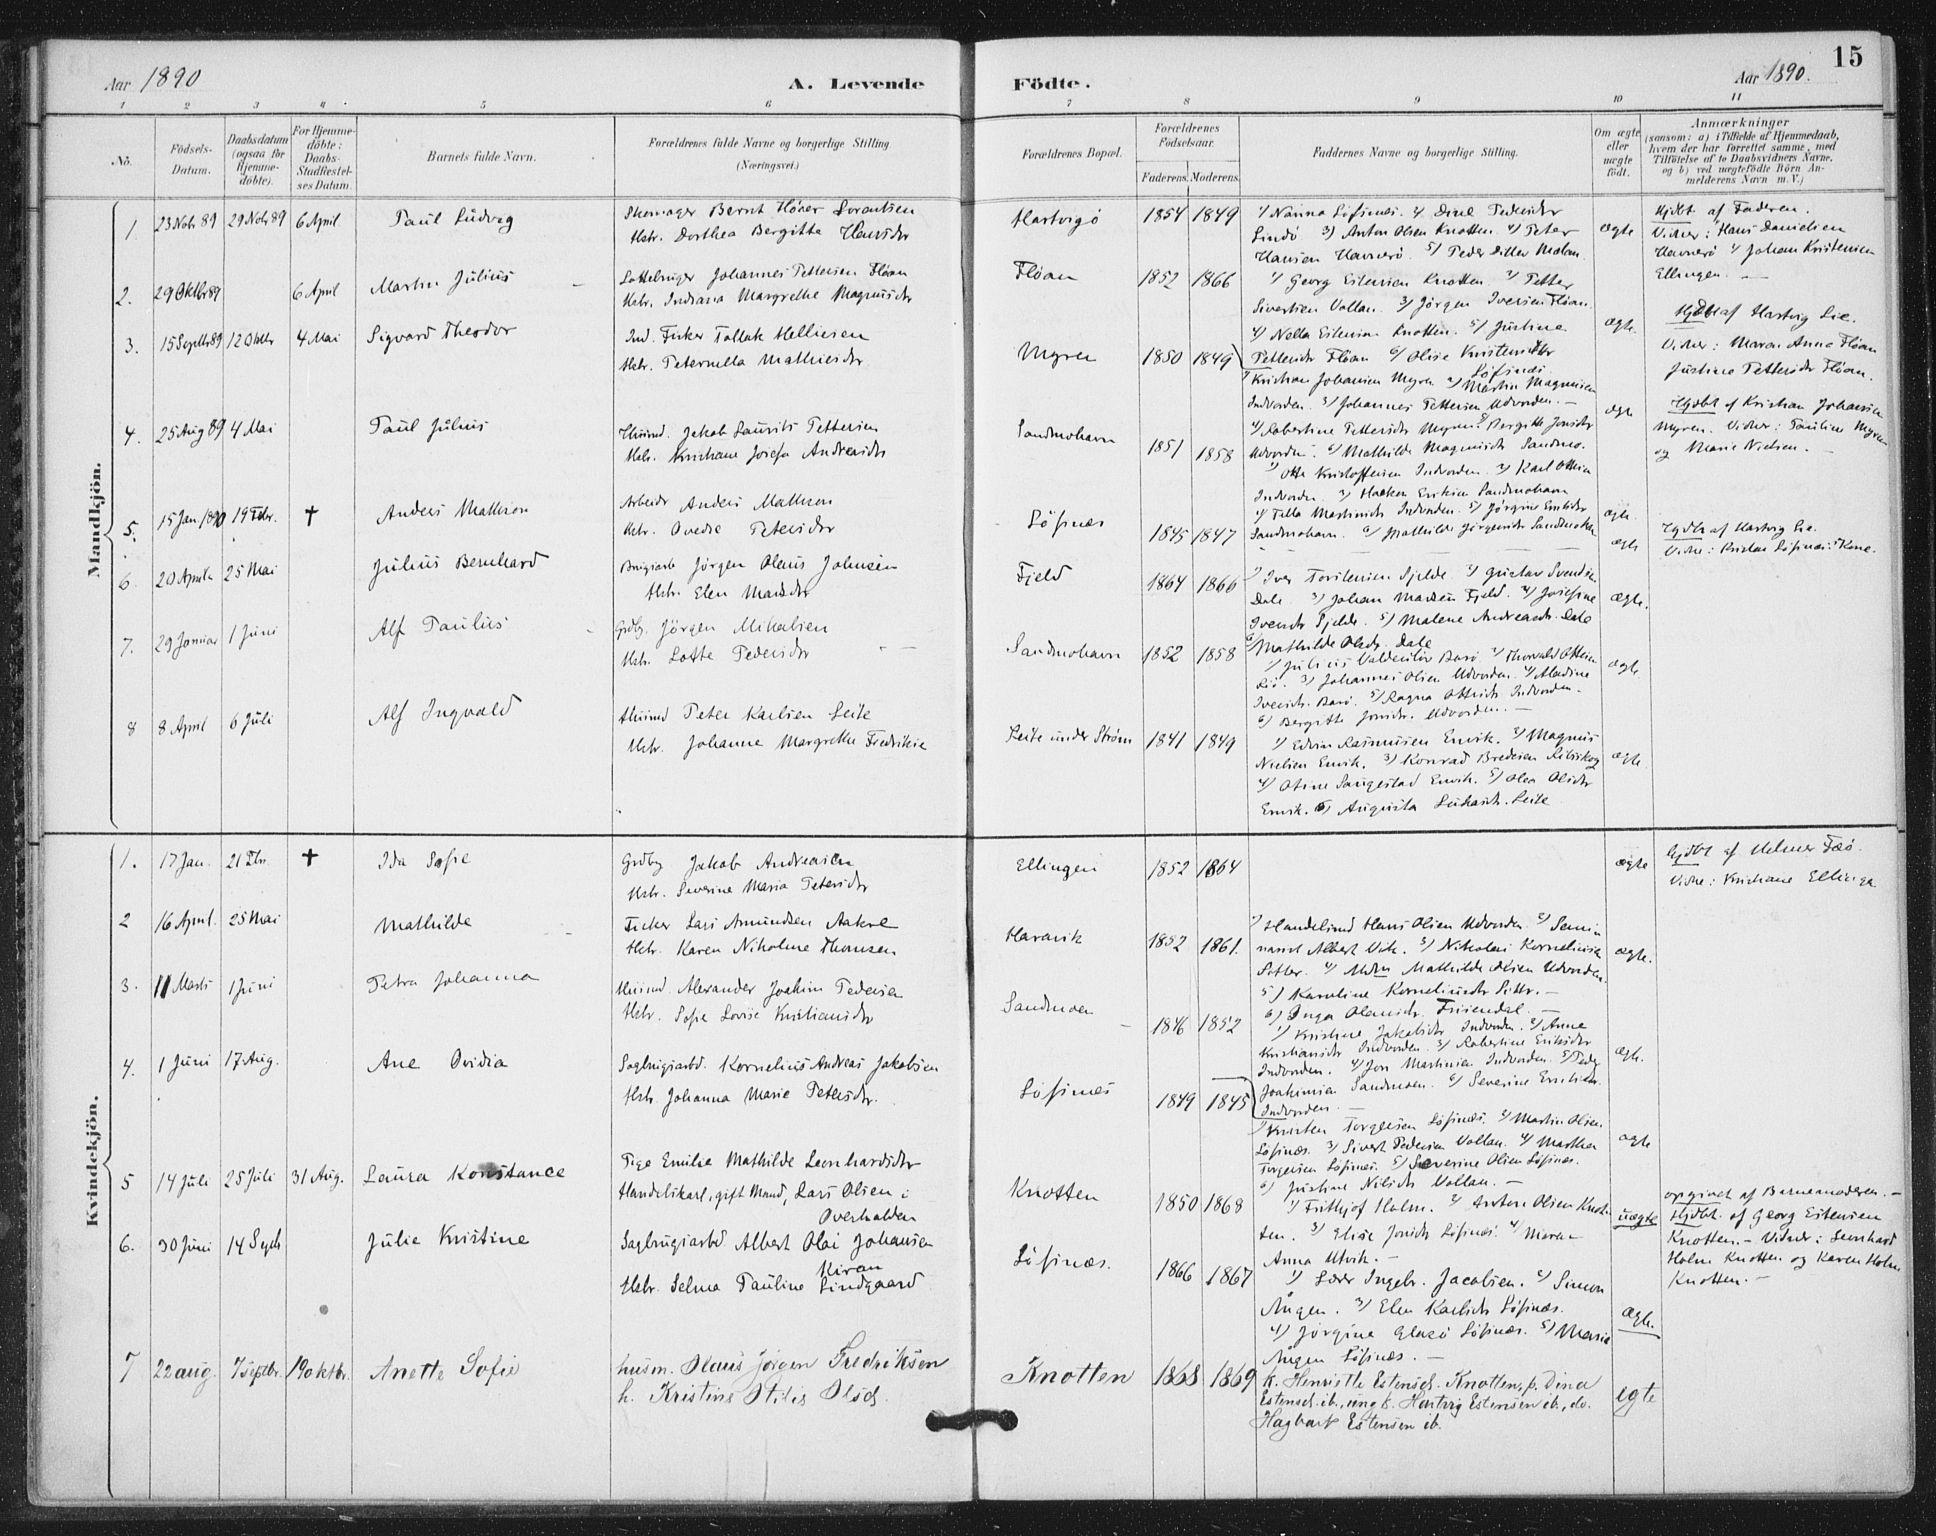 SAT, Ministerialprotokoller, klokkerbøker og fødselsregistre - Nord-Trøndelag, 772/L0603: Ministerialbok nr. 772A01, 1885-1912, s. 15